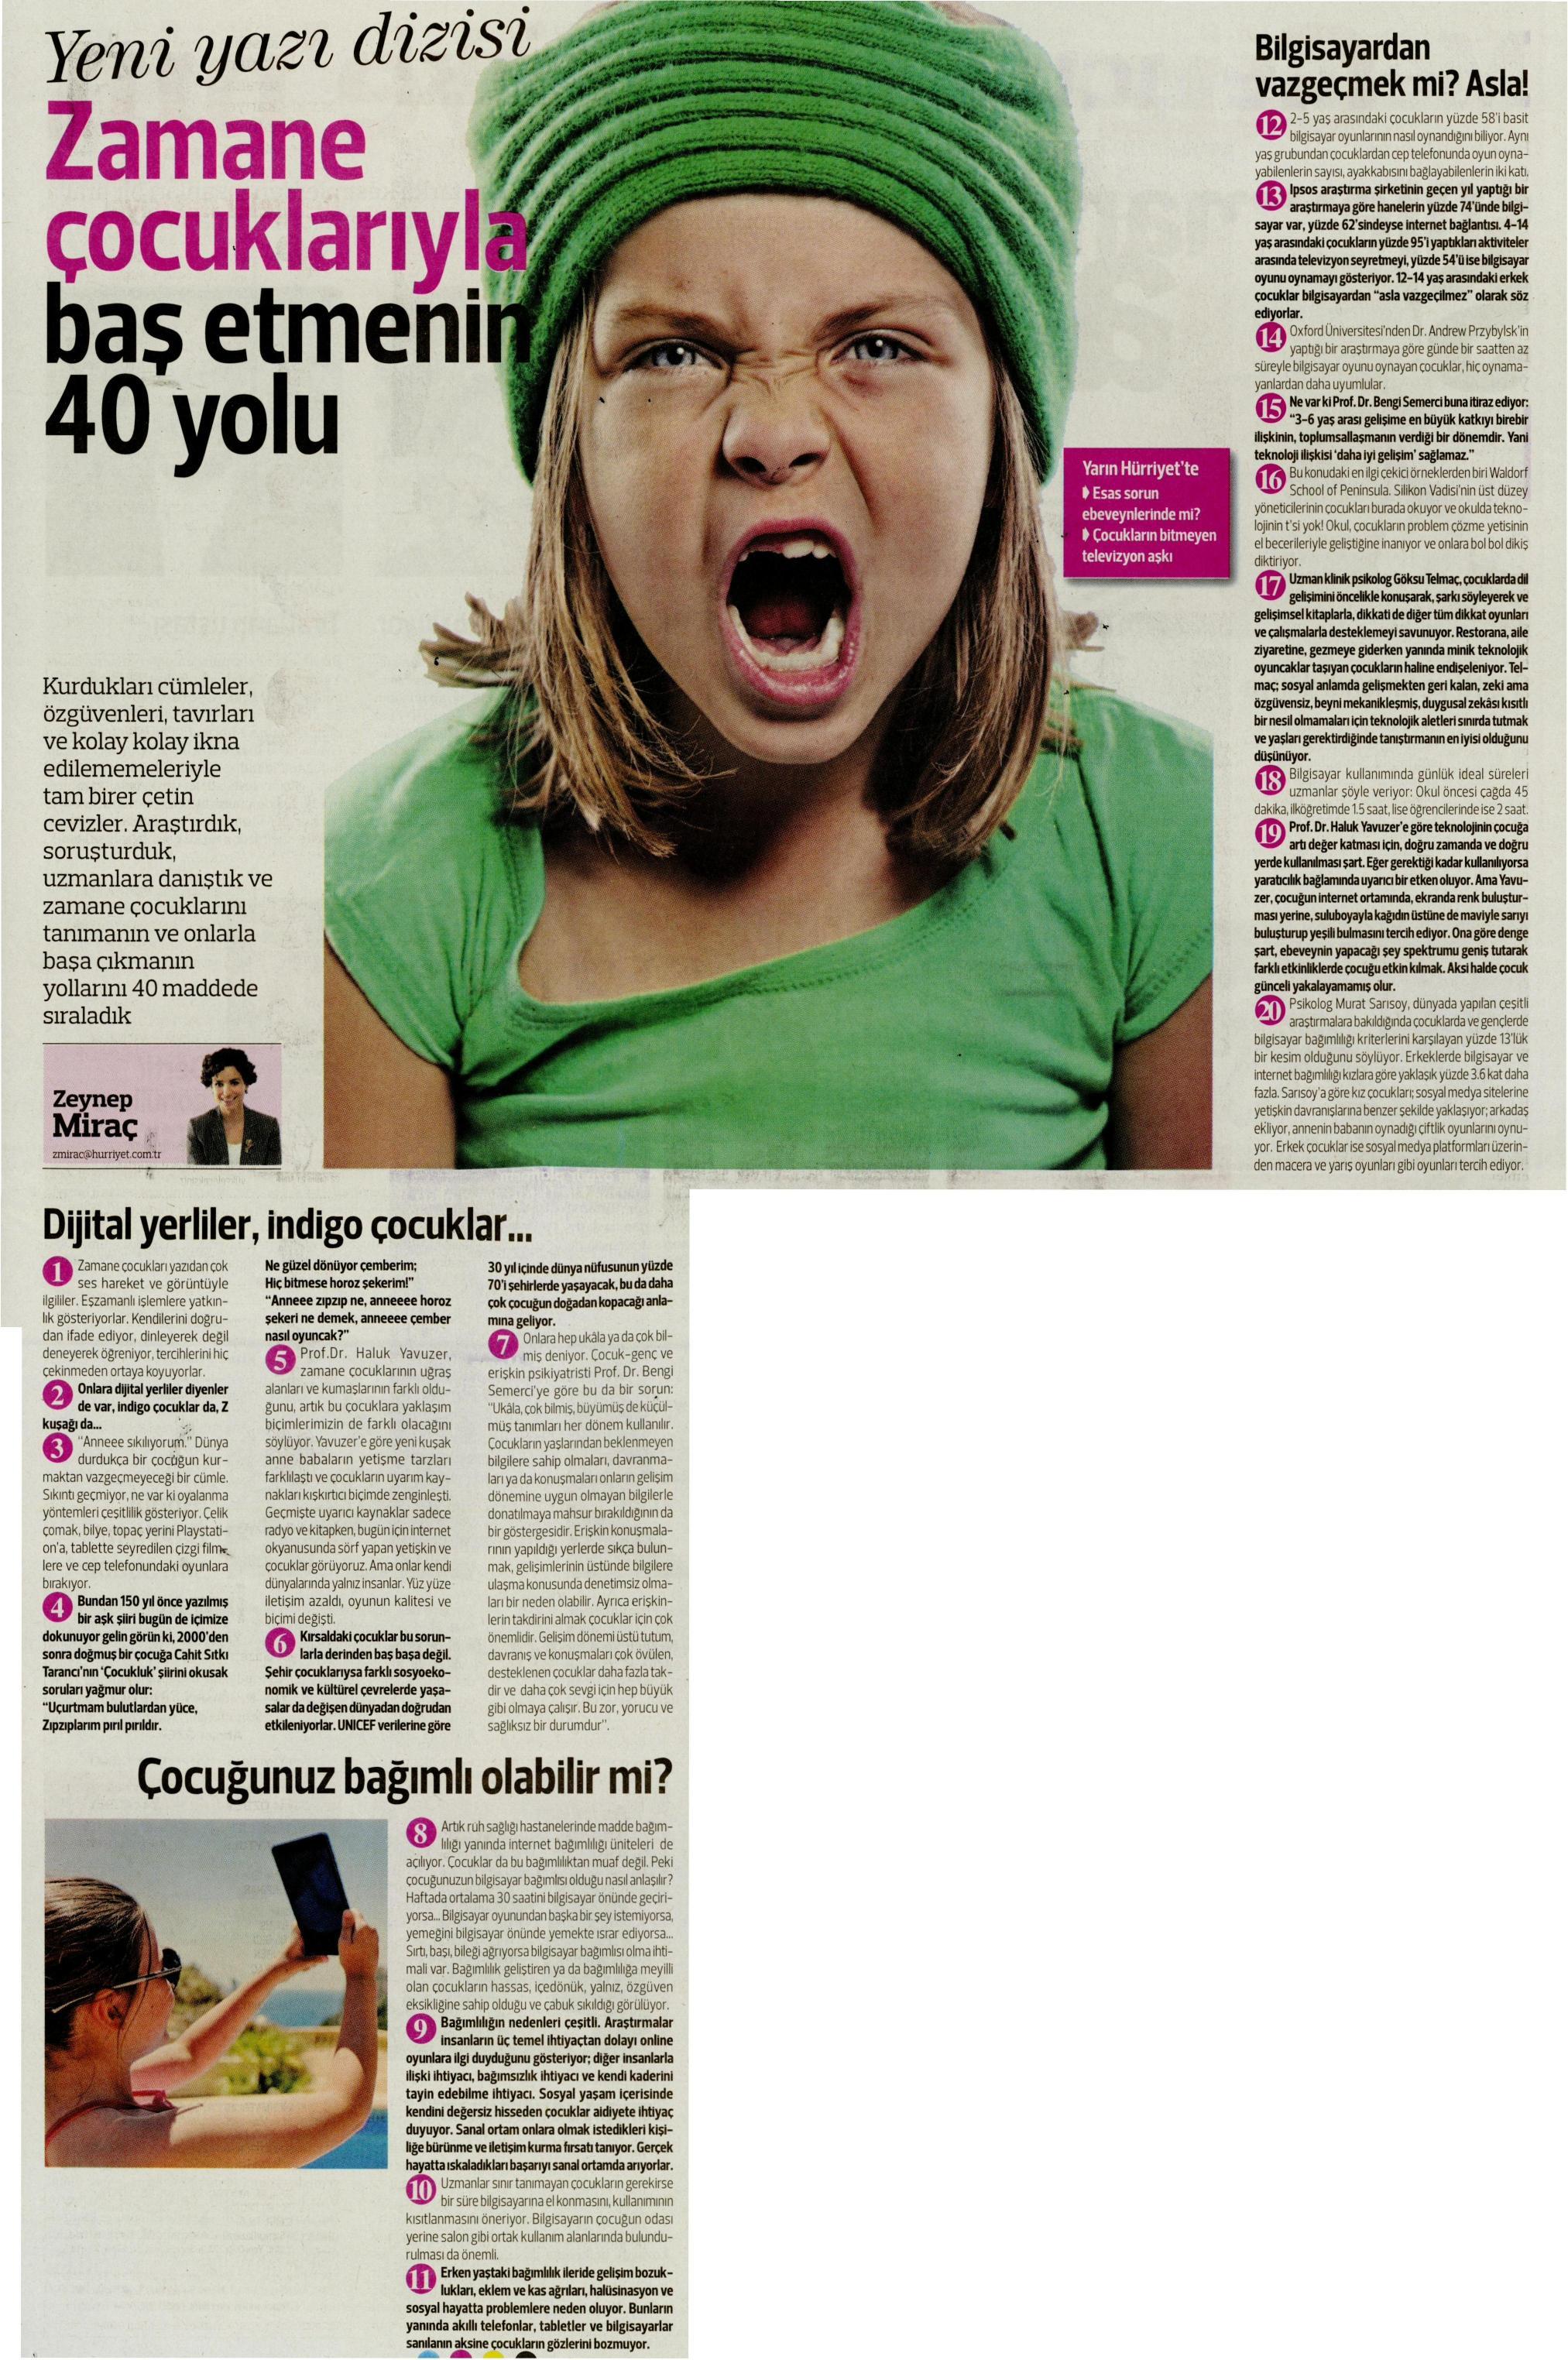 Zamane çocuklarıyla başetmenin 40 yolu - Hürriyet Pazar 24.08.2014